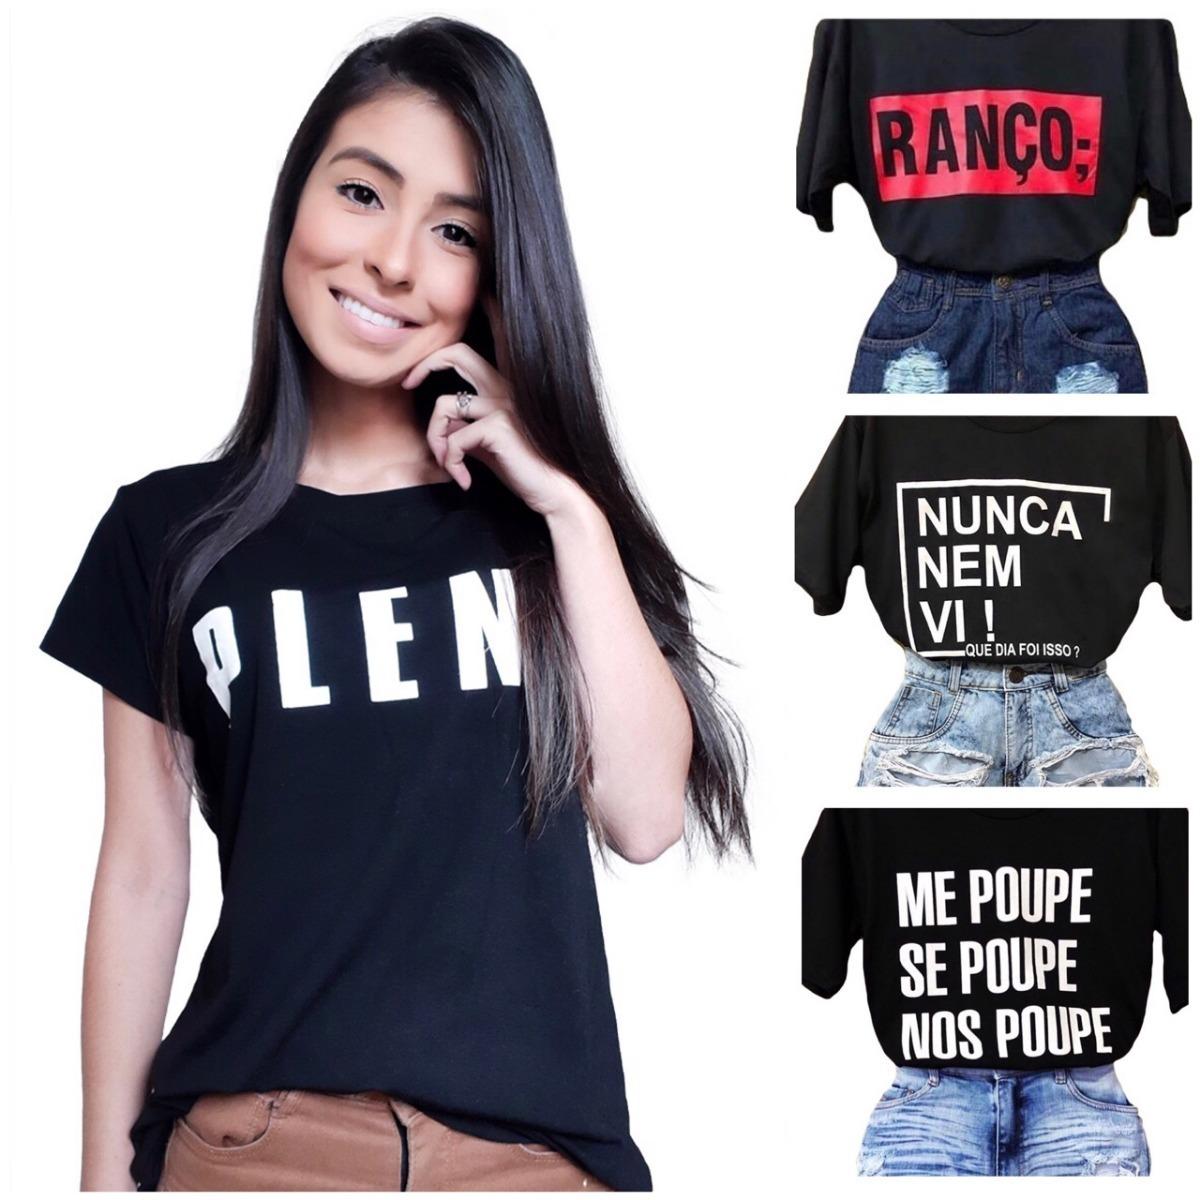 blusa malha t-shirts manga frases moda kit 3 peças atacado. Carregando zoom. fd343494fe0be